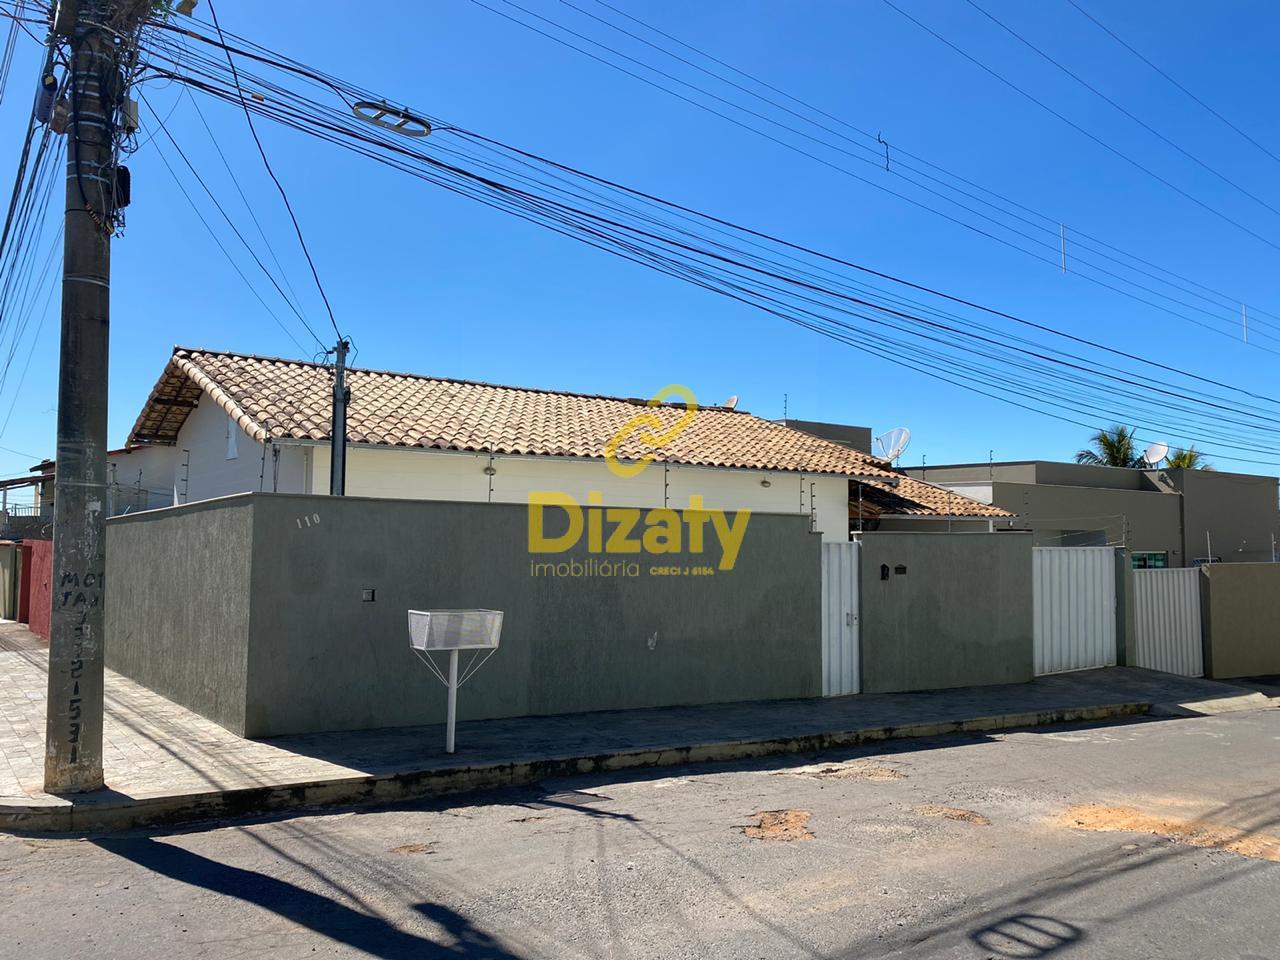 Casa com 3 dormitórios à venda, NOSSA SENHORA DO CARMO II, SETE LAGOAS - MG